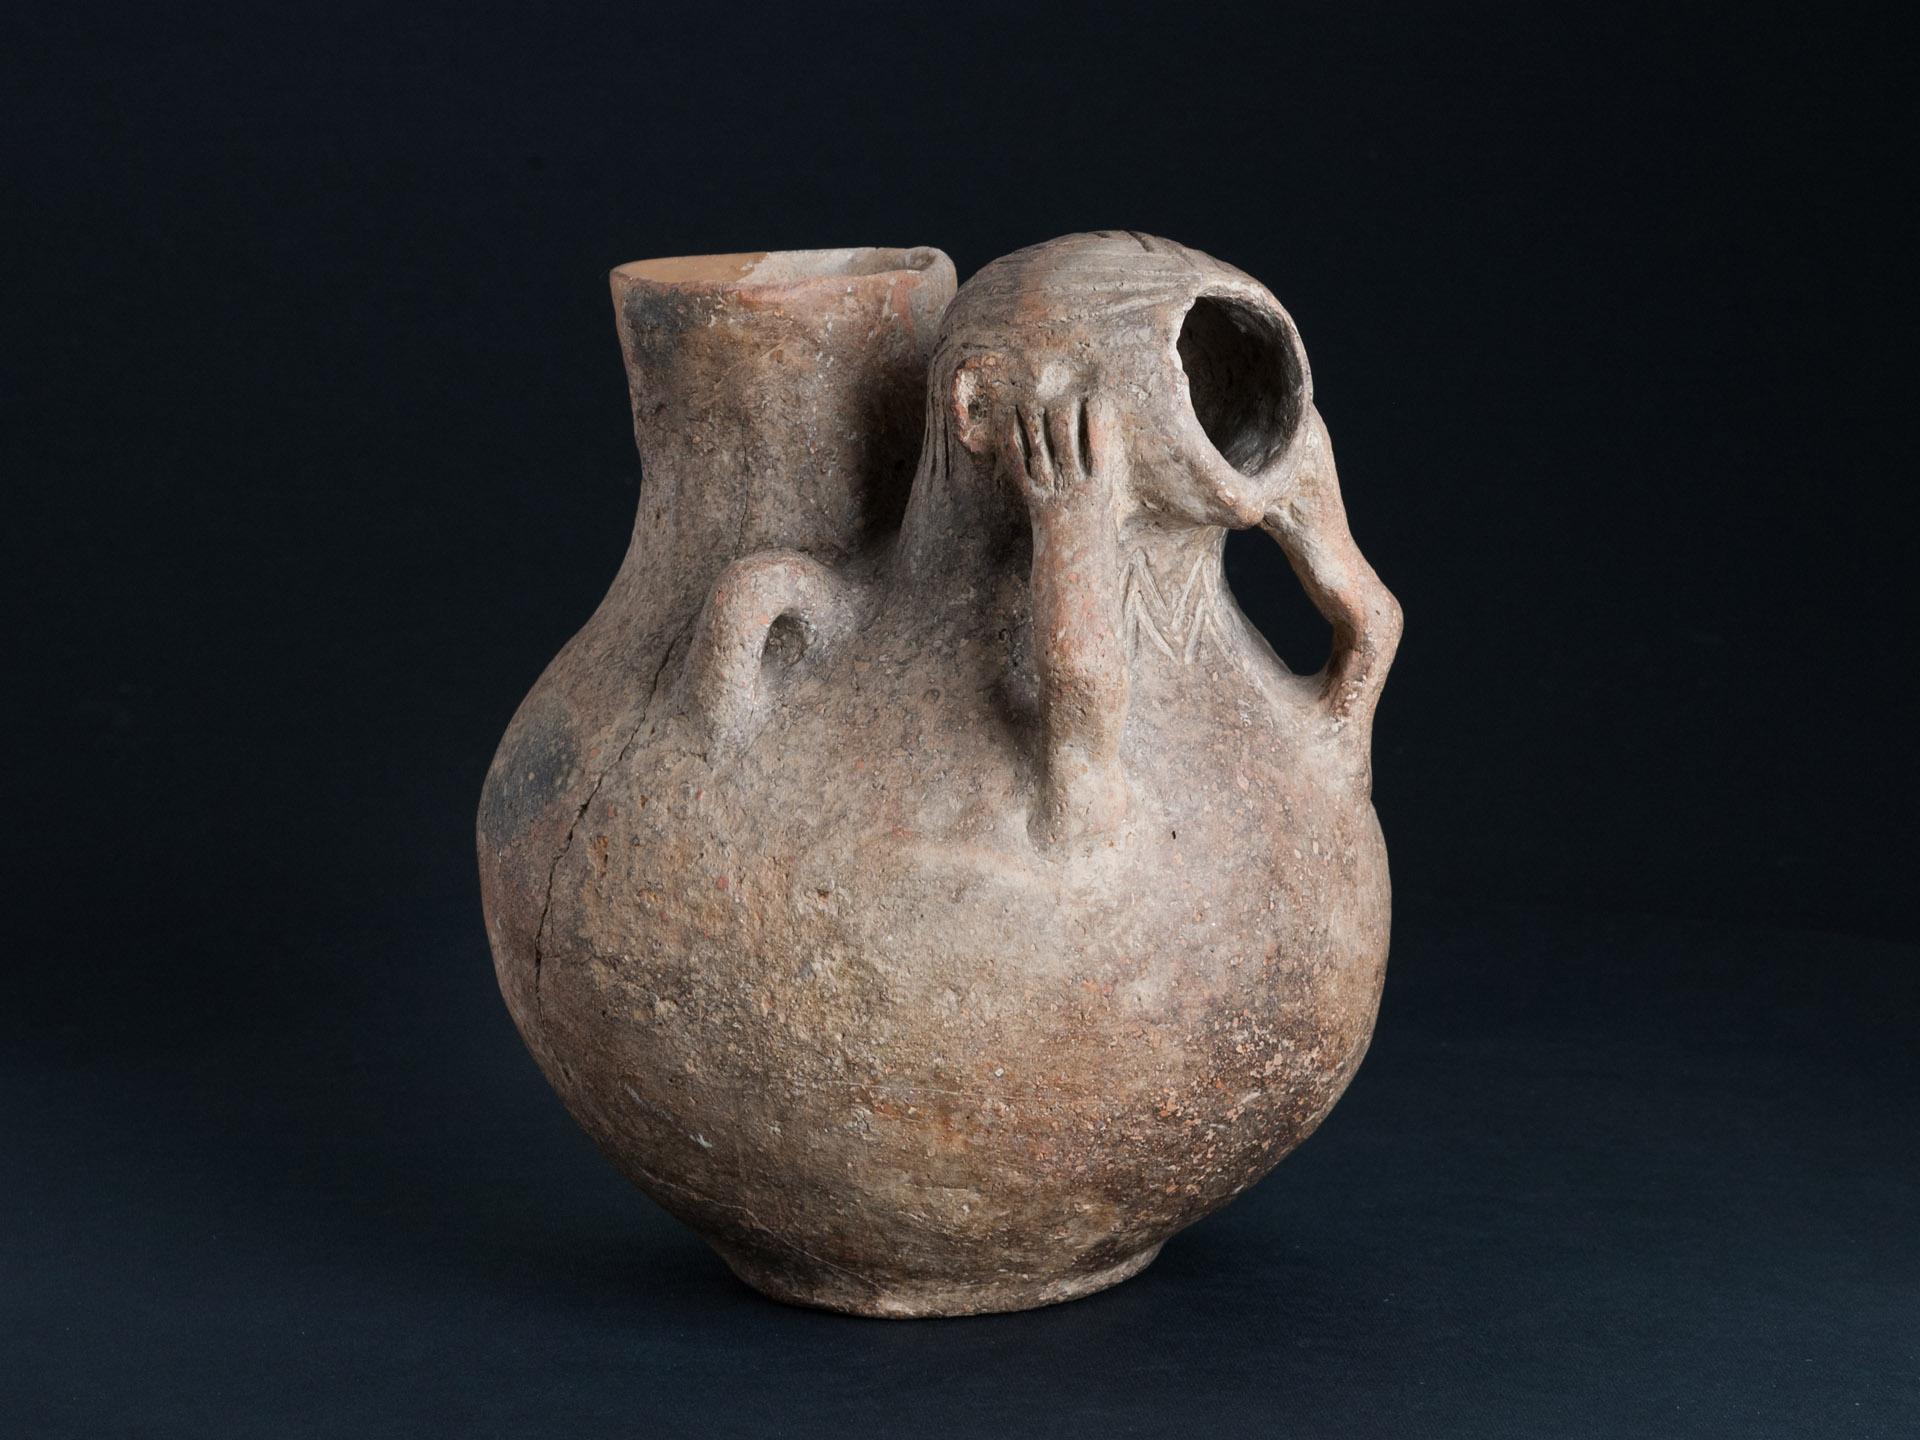 08damiano rosa fotografo still life arte antiquariato archeologia etnografia